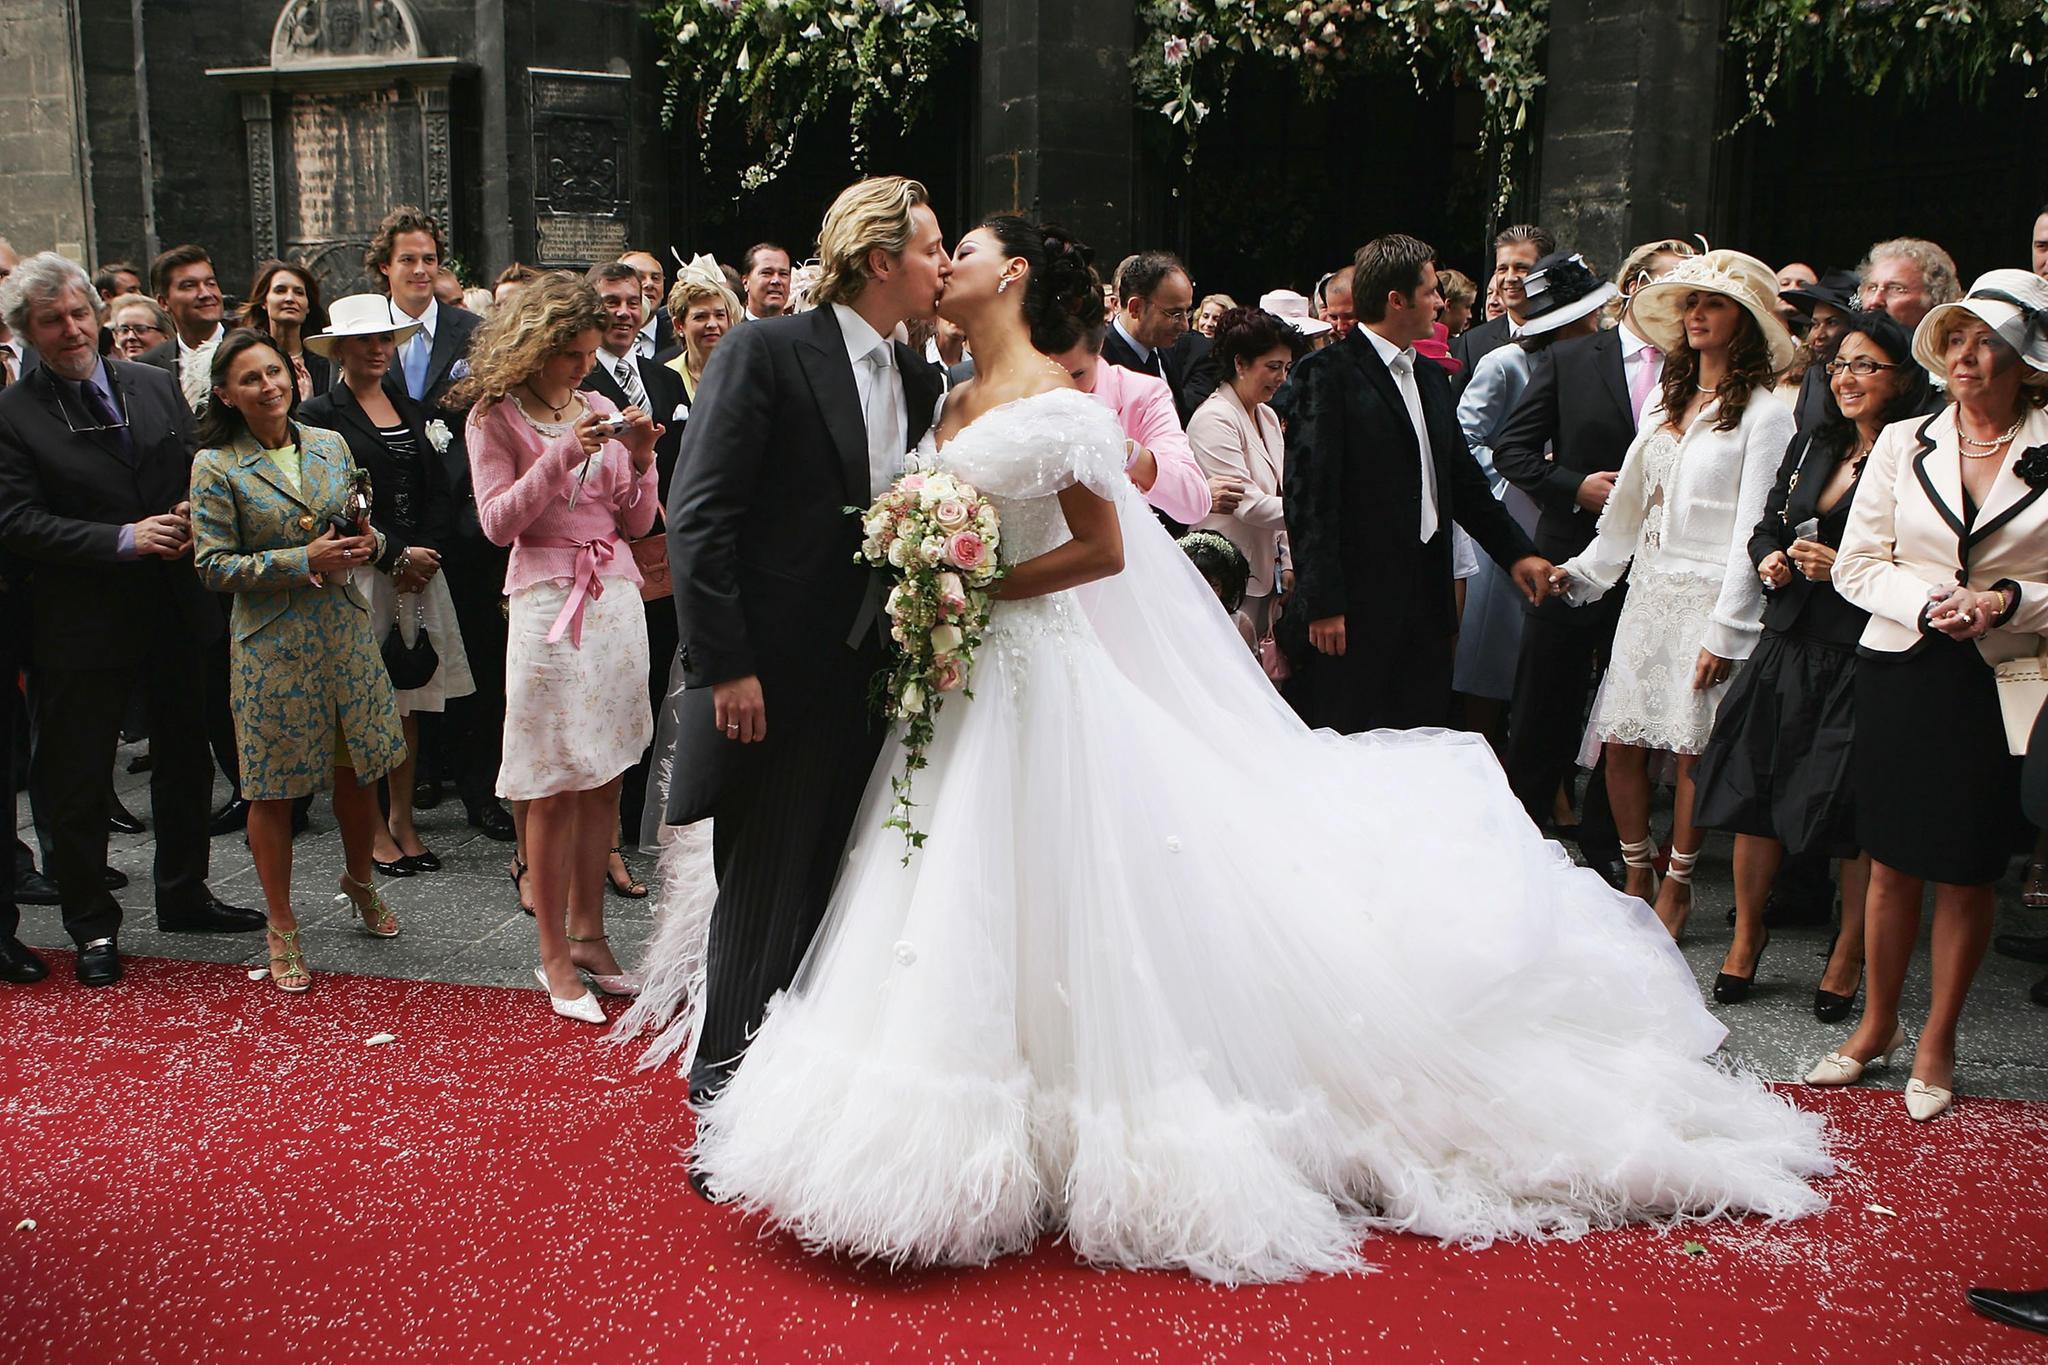 Verona Pooth Hochzeitskleid  Verona Pooth Ihr 15 jähriger Sohn San Diego beschützt sie